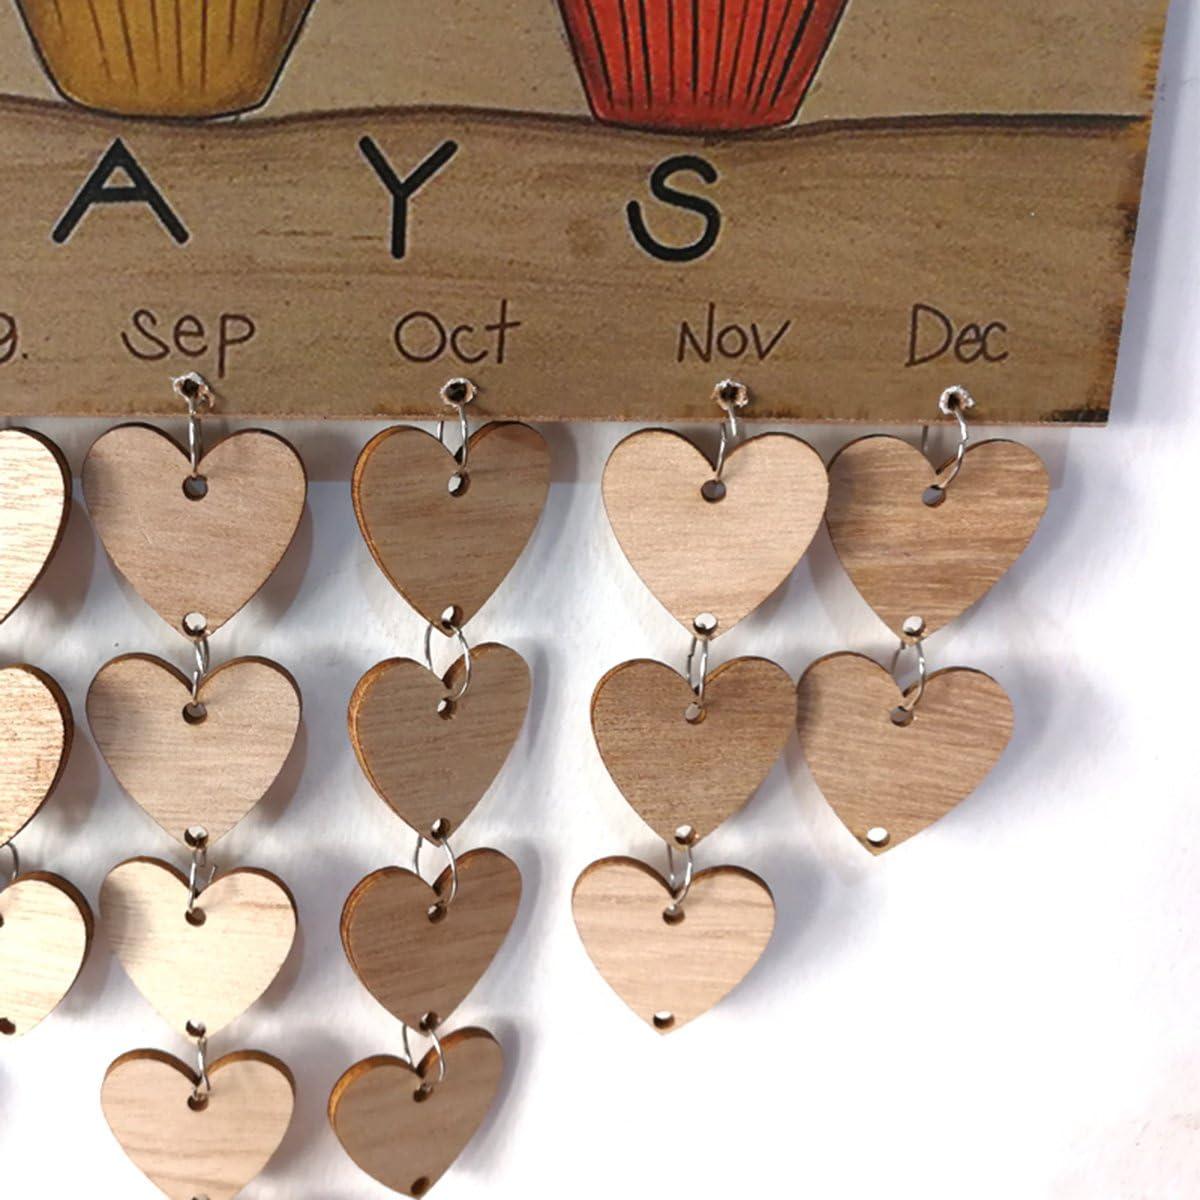 SUPVOX Family Birthday Board Calendrier Happy Birthday Calendrier en bois pour la d/écoration de votre f/ête danniversaire 1 plaque 1 corde 50 tranches de bois